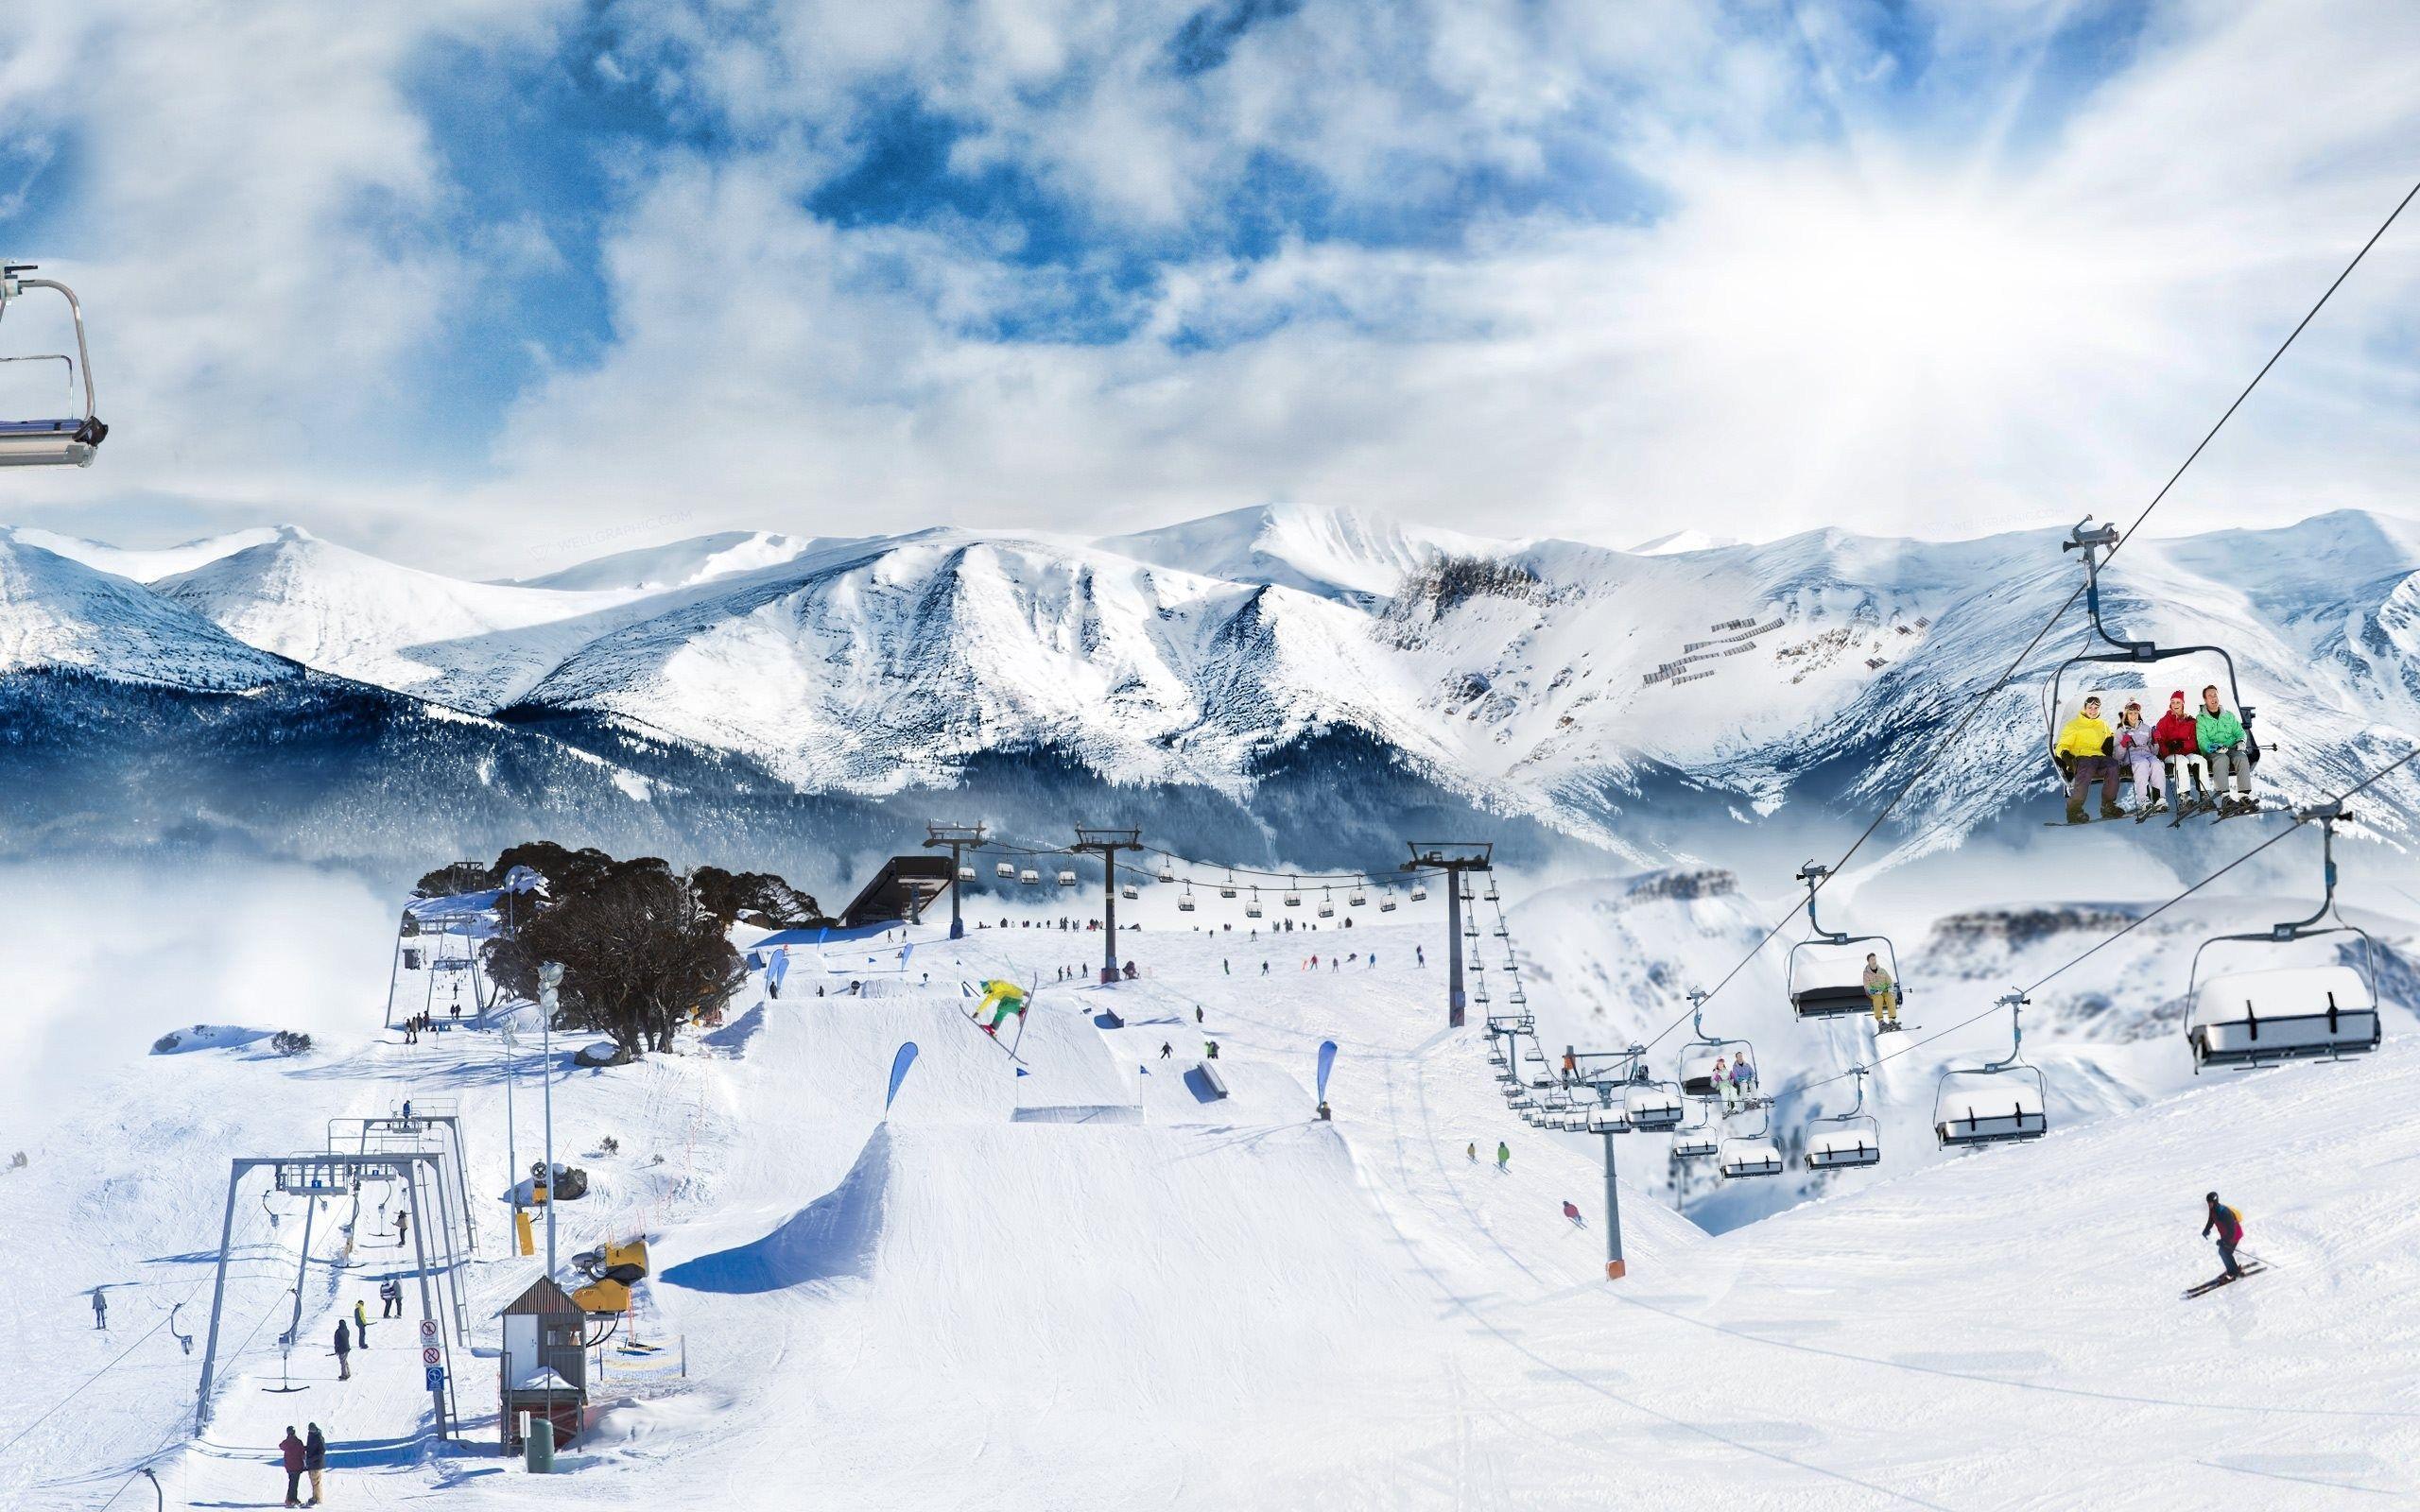 Ski mountain wallpapers top free ski mountain - Ski wallpaper ...